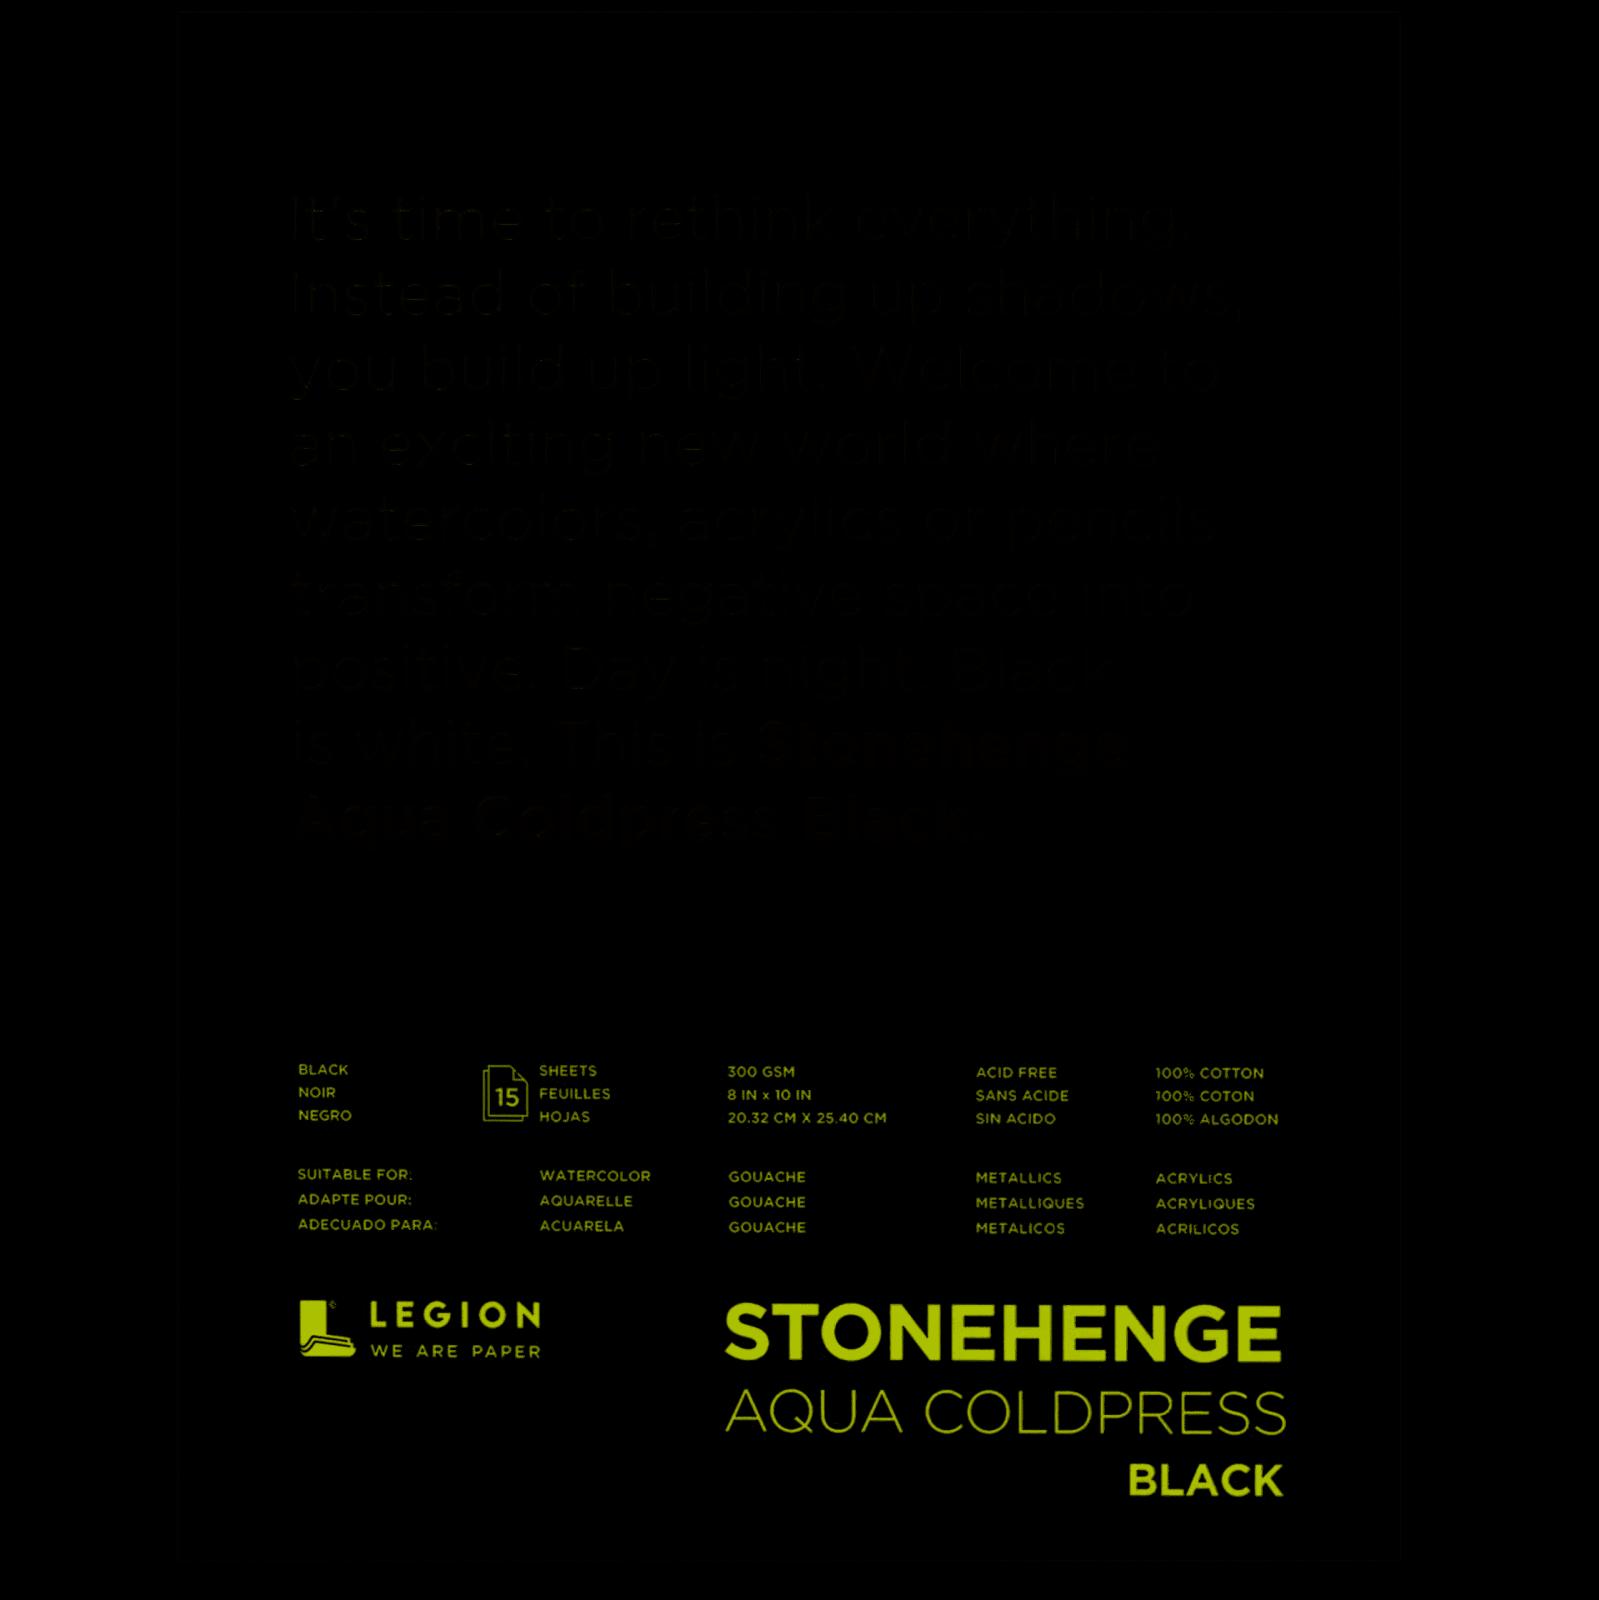 Stonehenge Aqua Coldpress Pad 8X10 15 Sheets/Pkg - Black 140lb